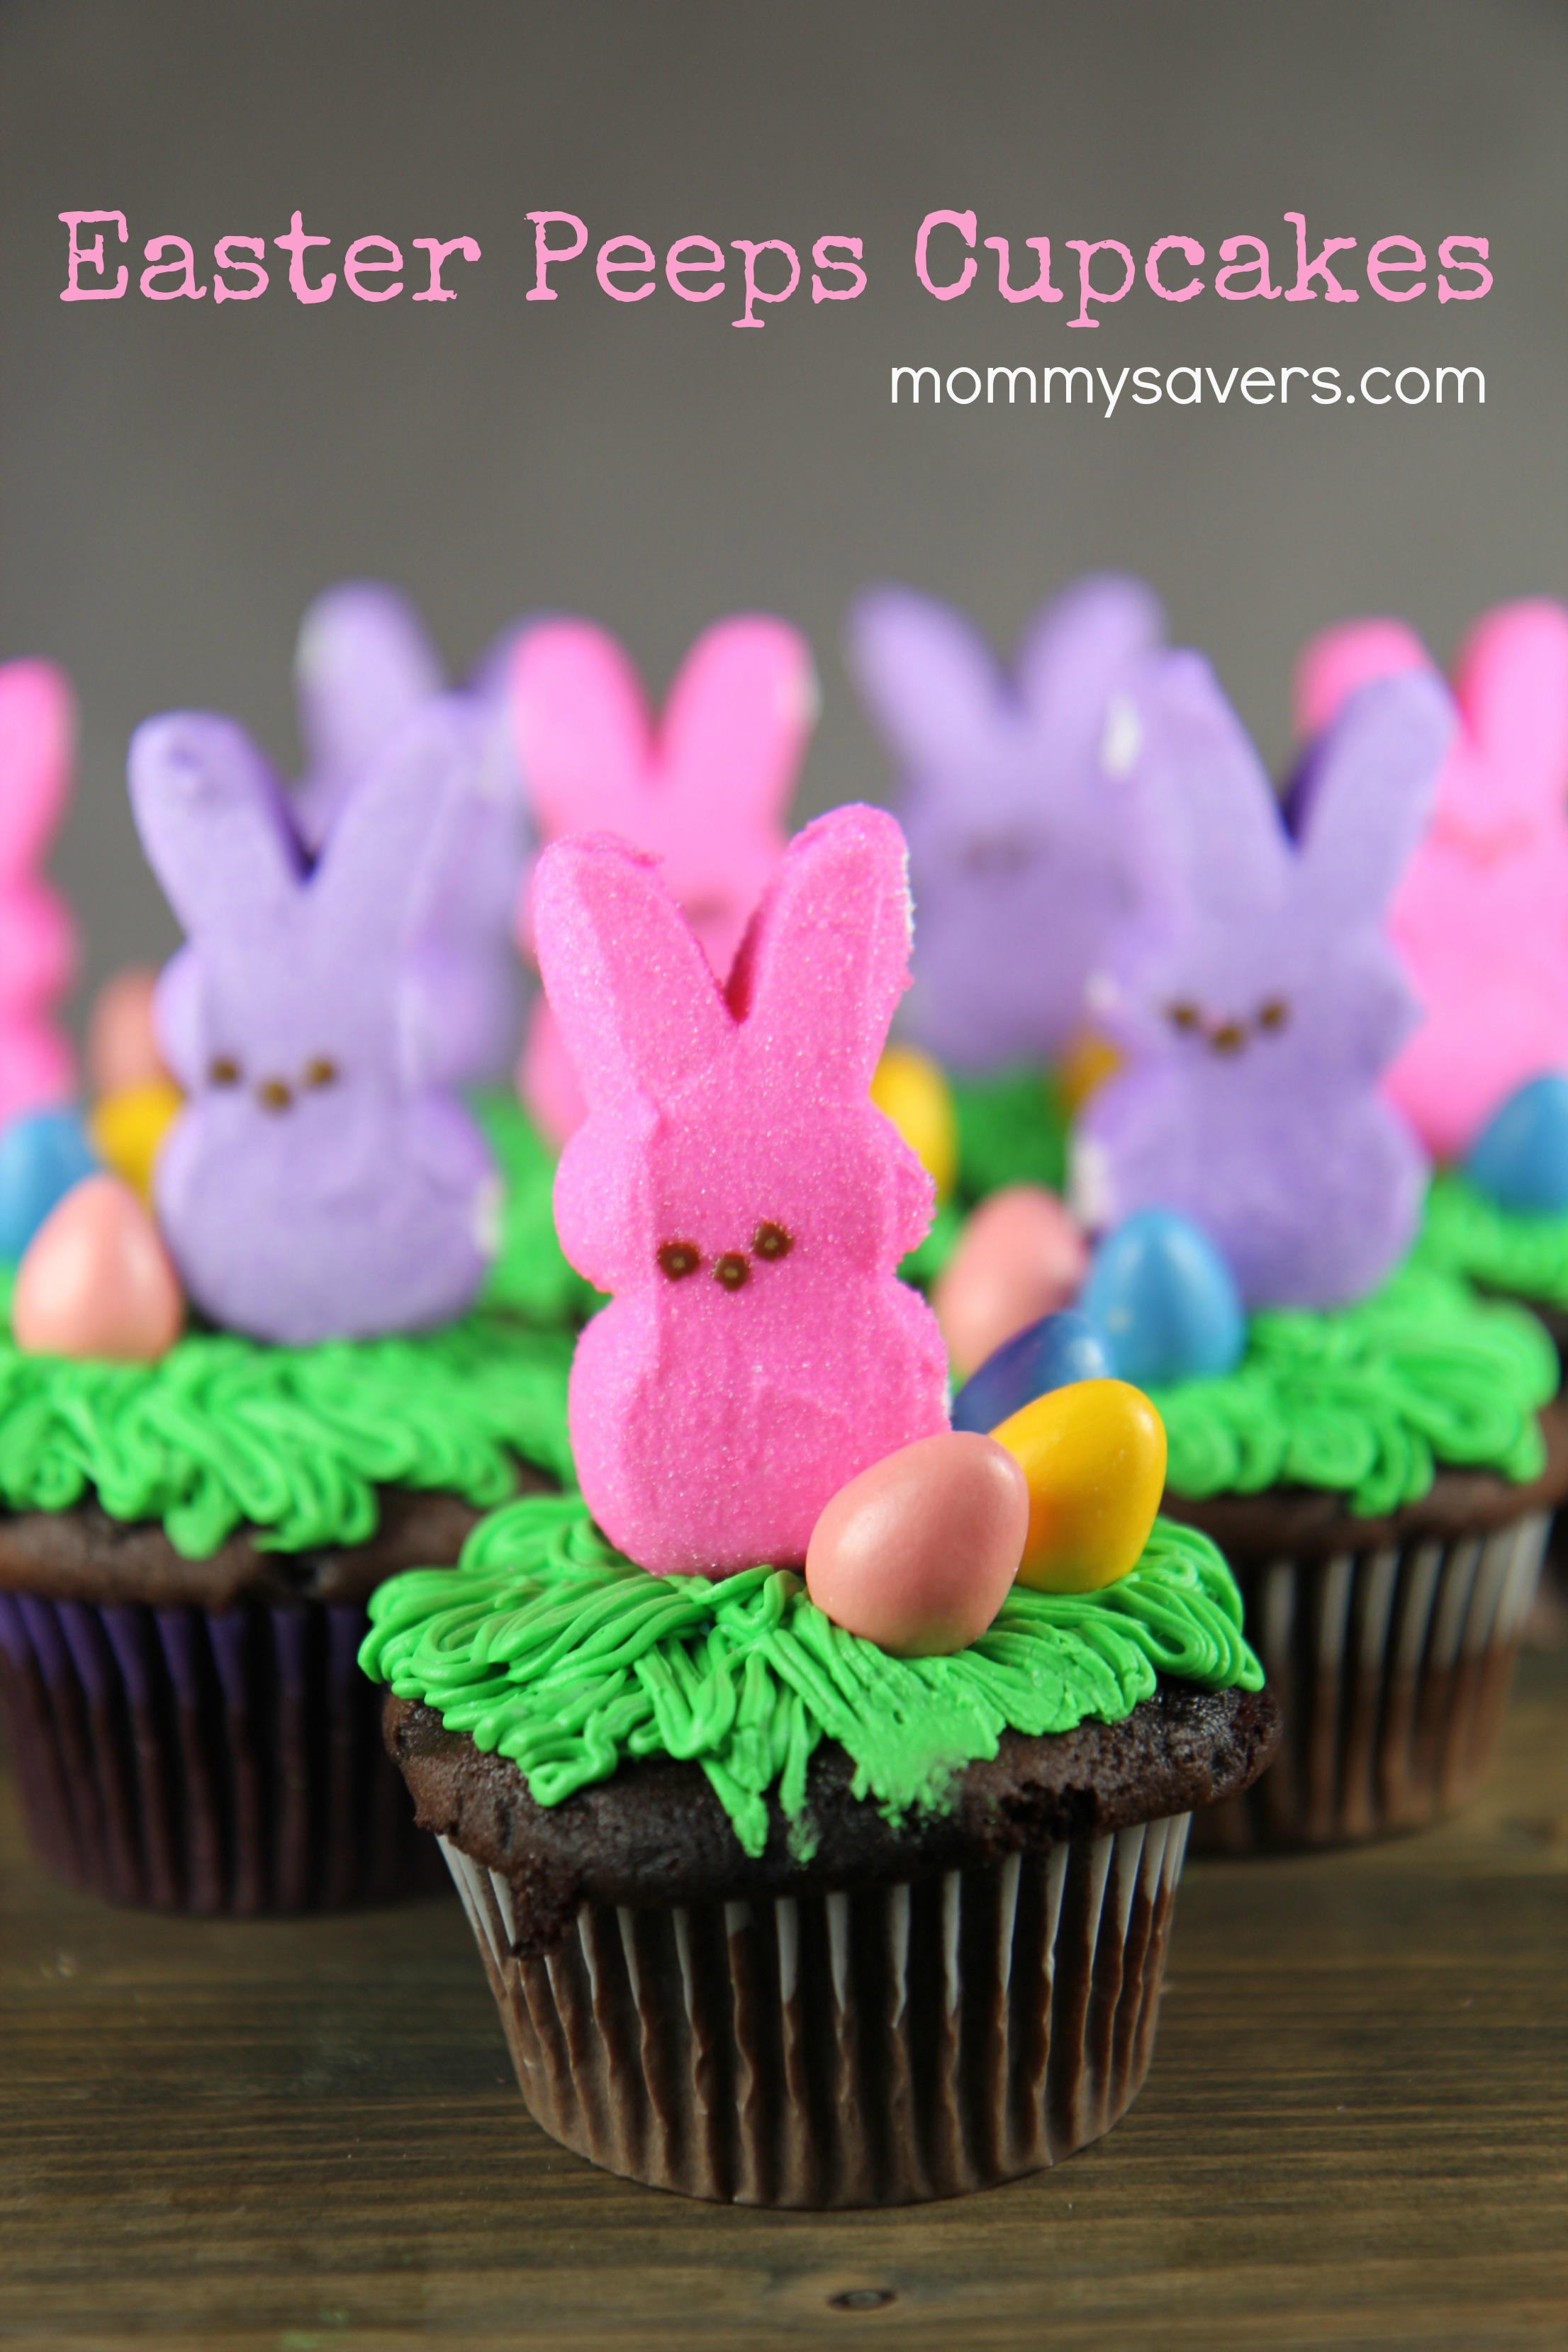 Easter Peeps Cupcakes